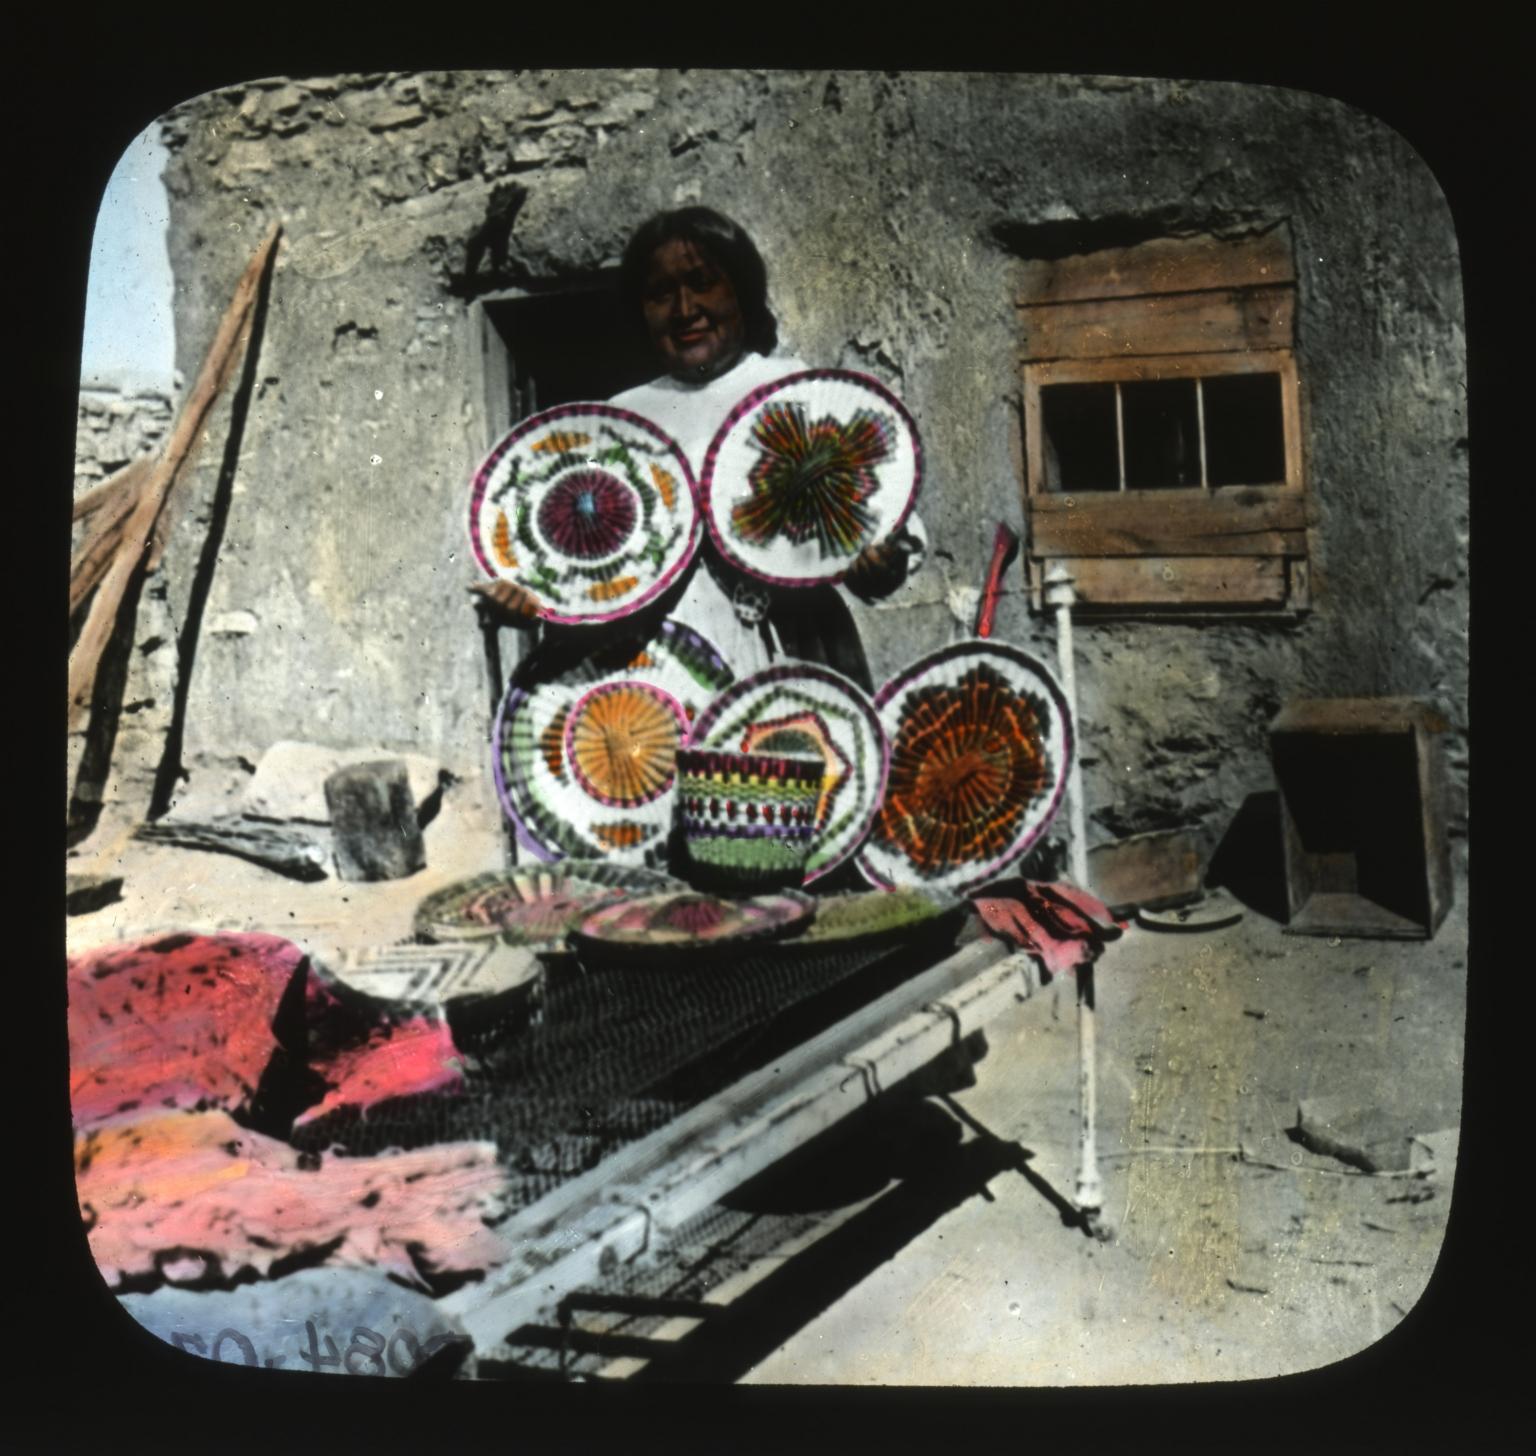 Basketmaker with baskets